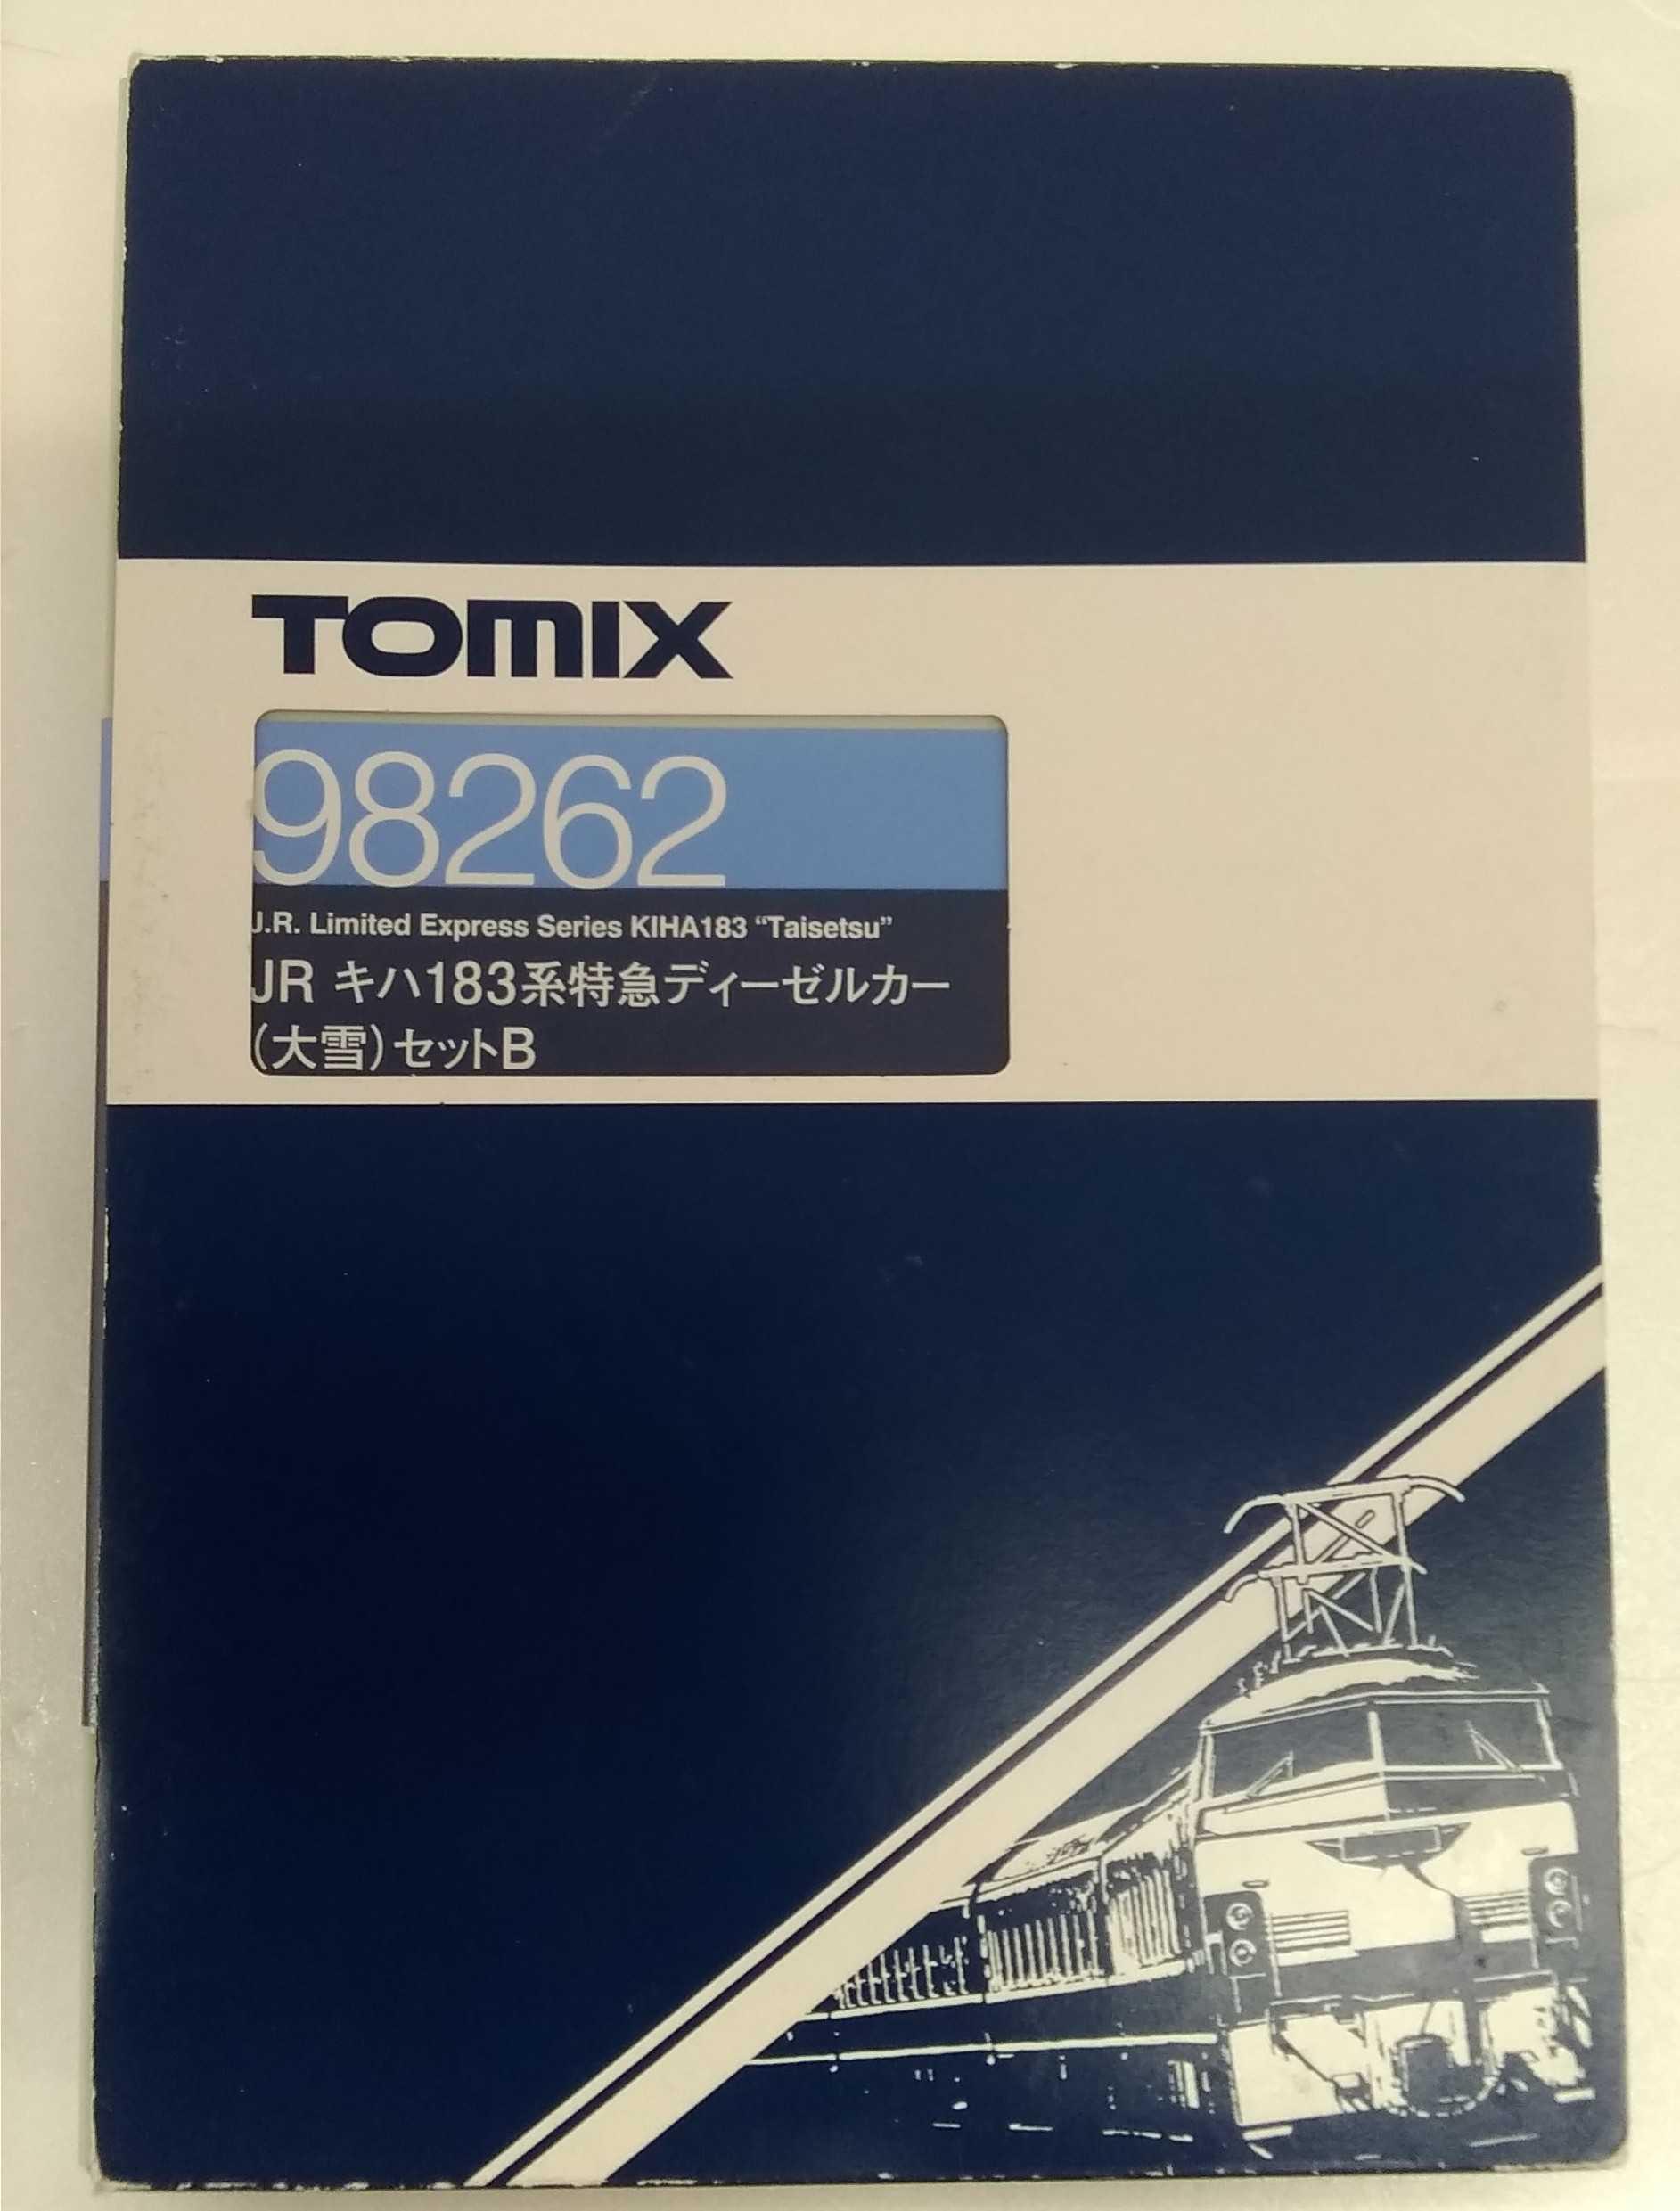 キハ183 系特急ディーゼルカー大雪B|TOMIX